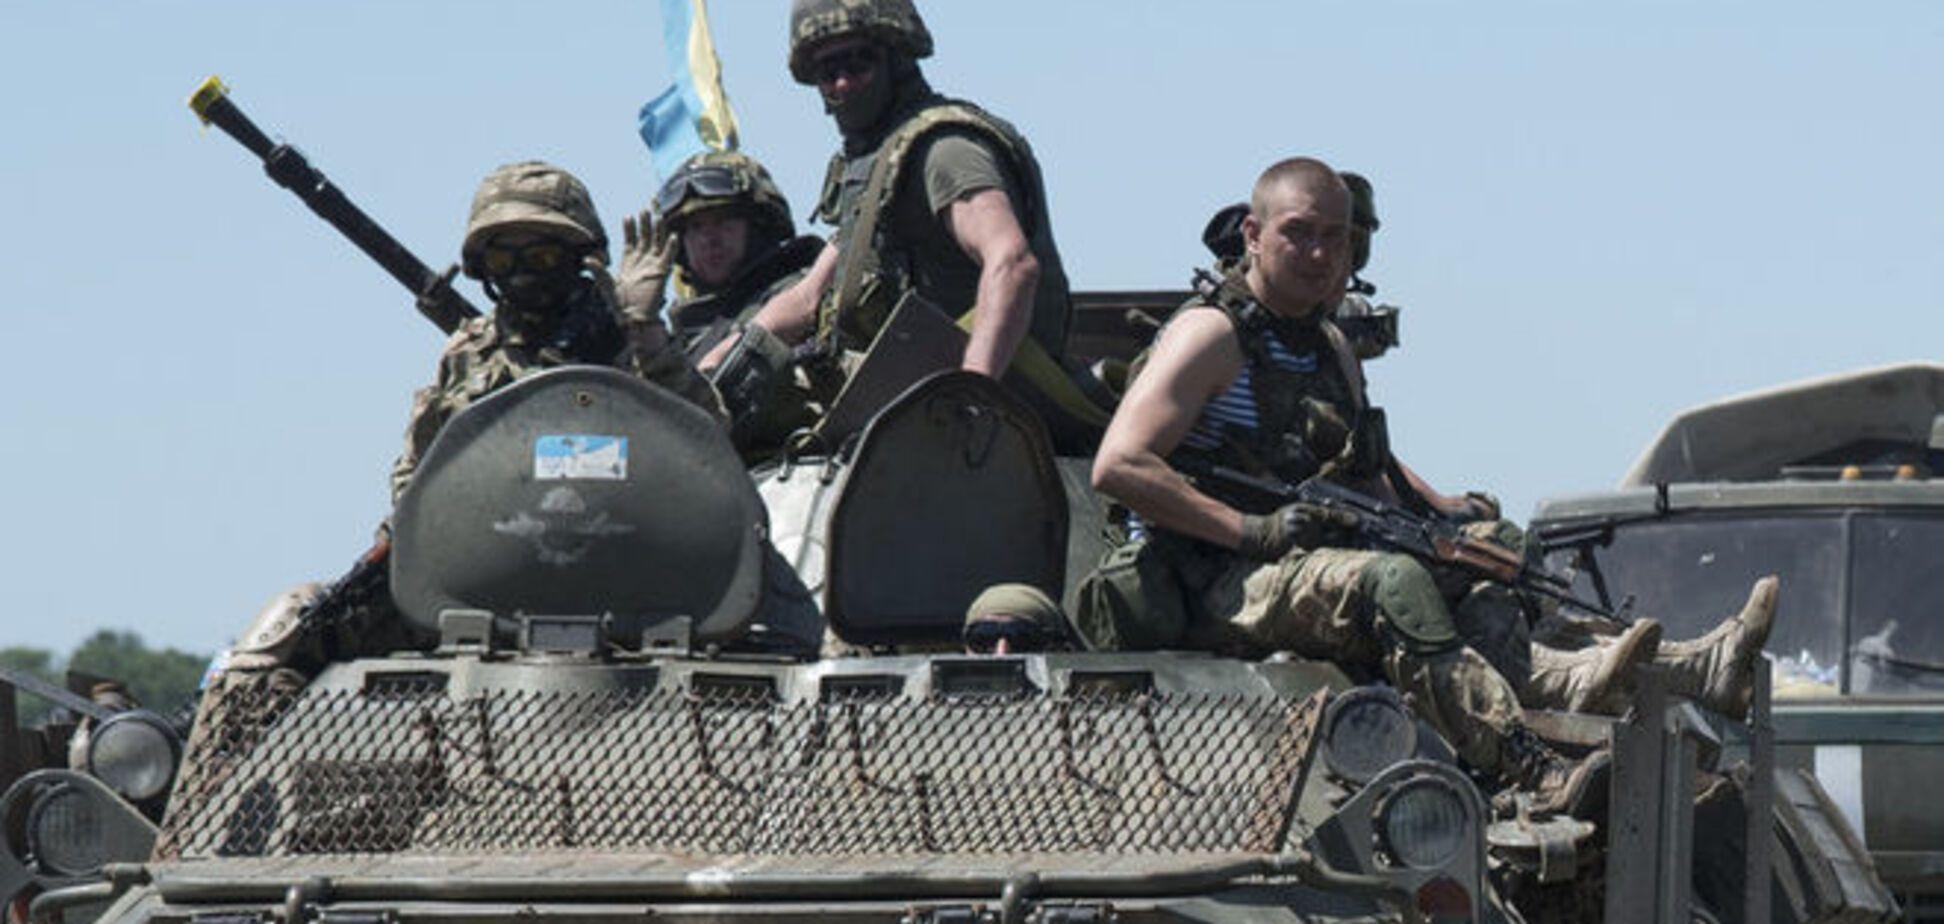 Пока затишье: террористы разбежались по окраинам Марьинки - Дейдей